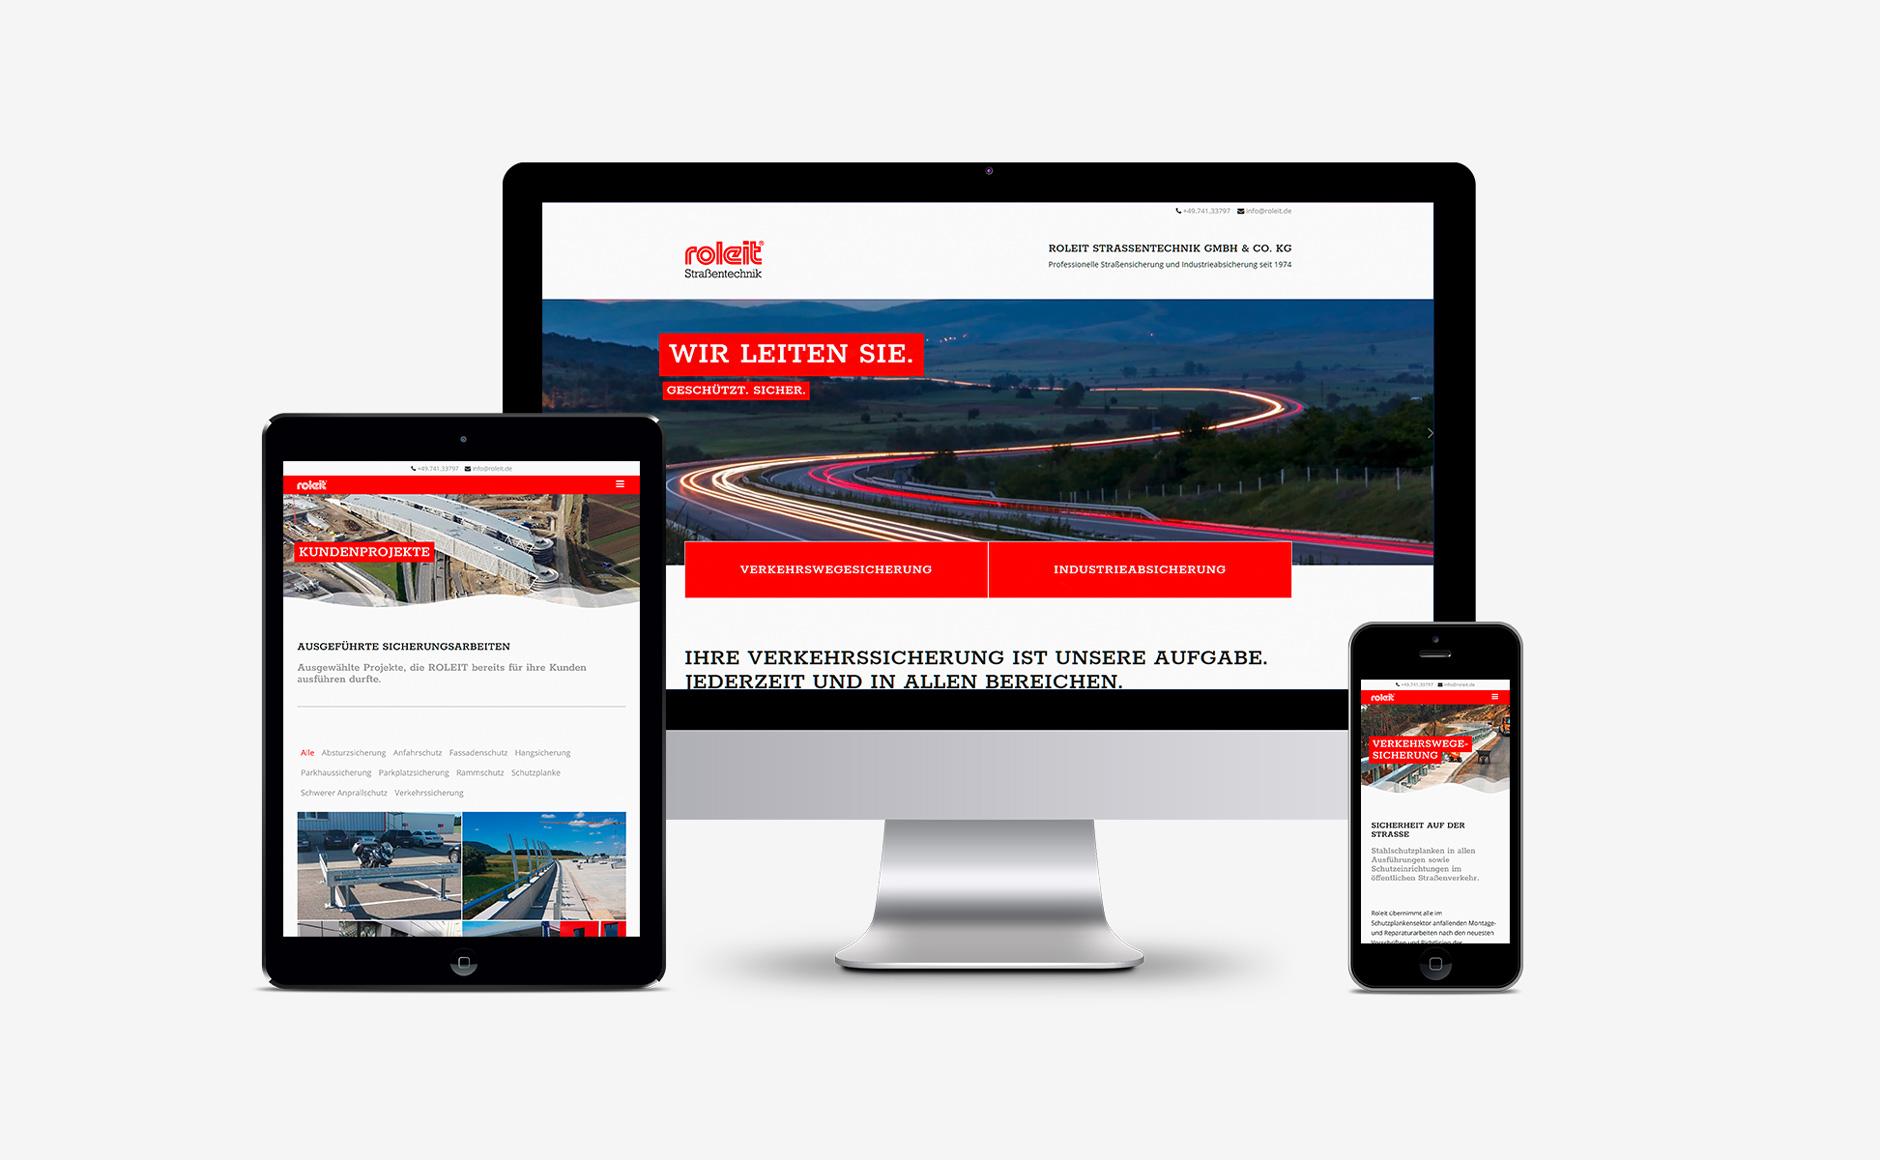 ROLEIT neue Homepage Webdesign-Webdesign ROLEIT Strassentechnik